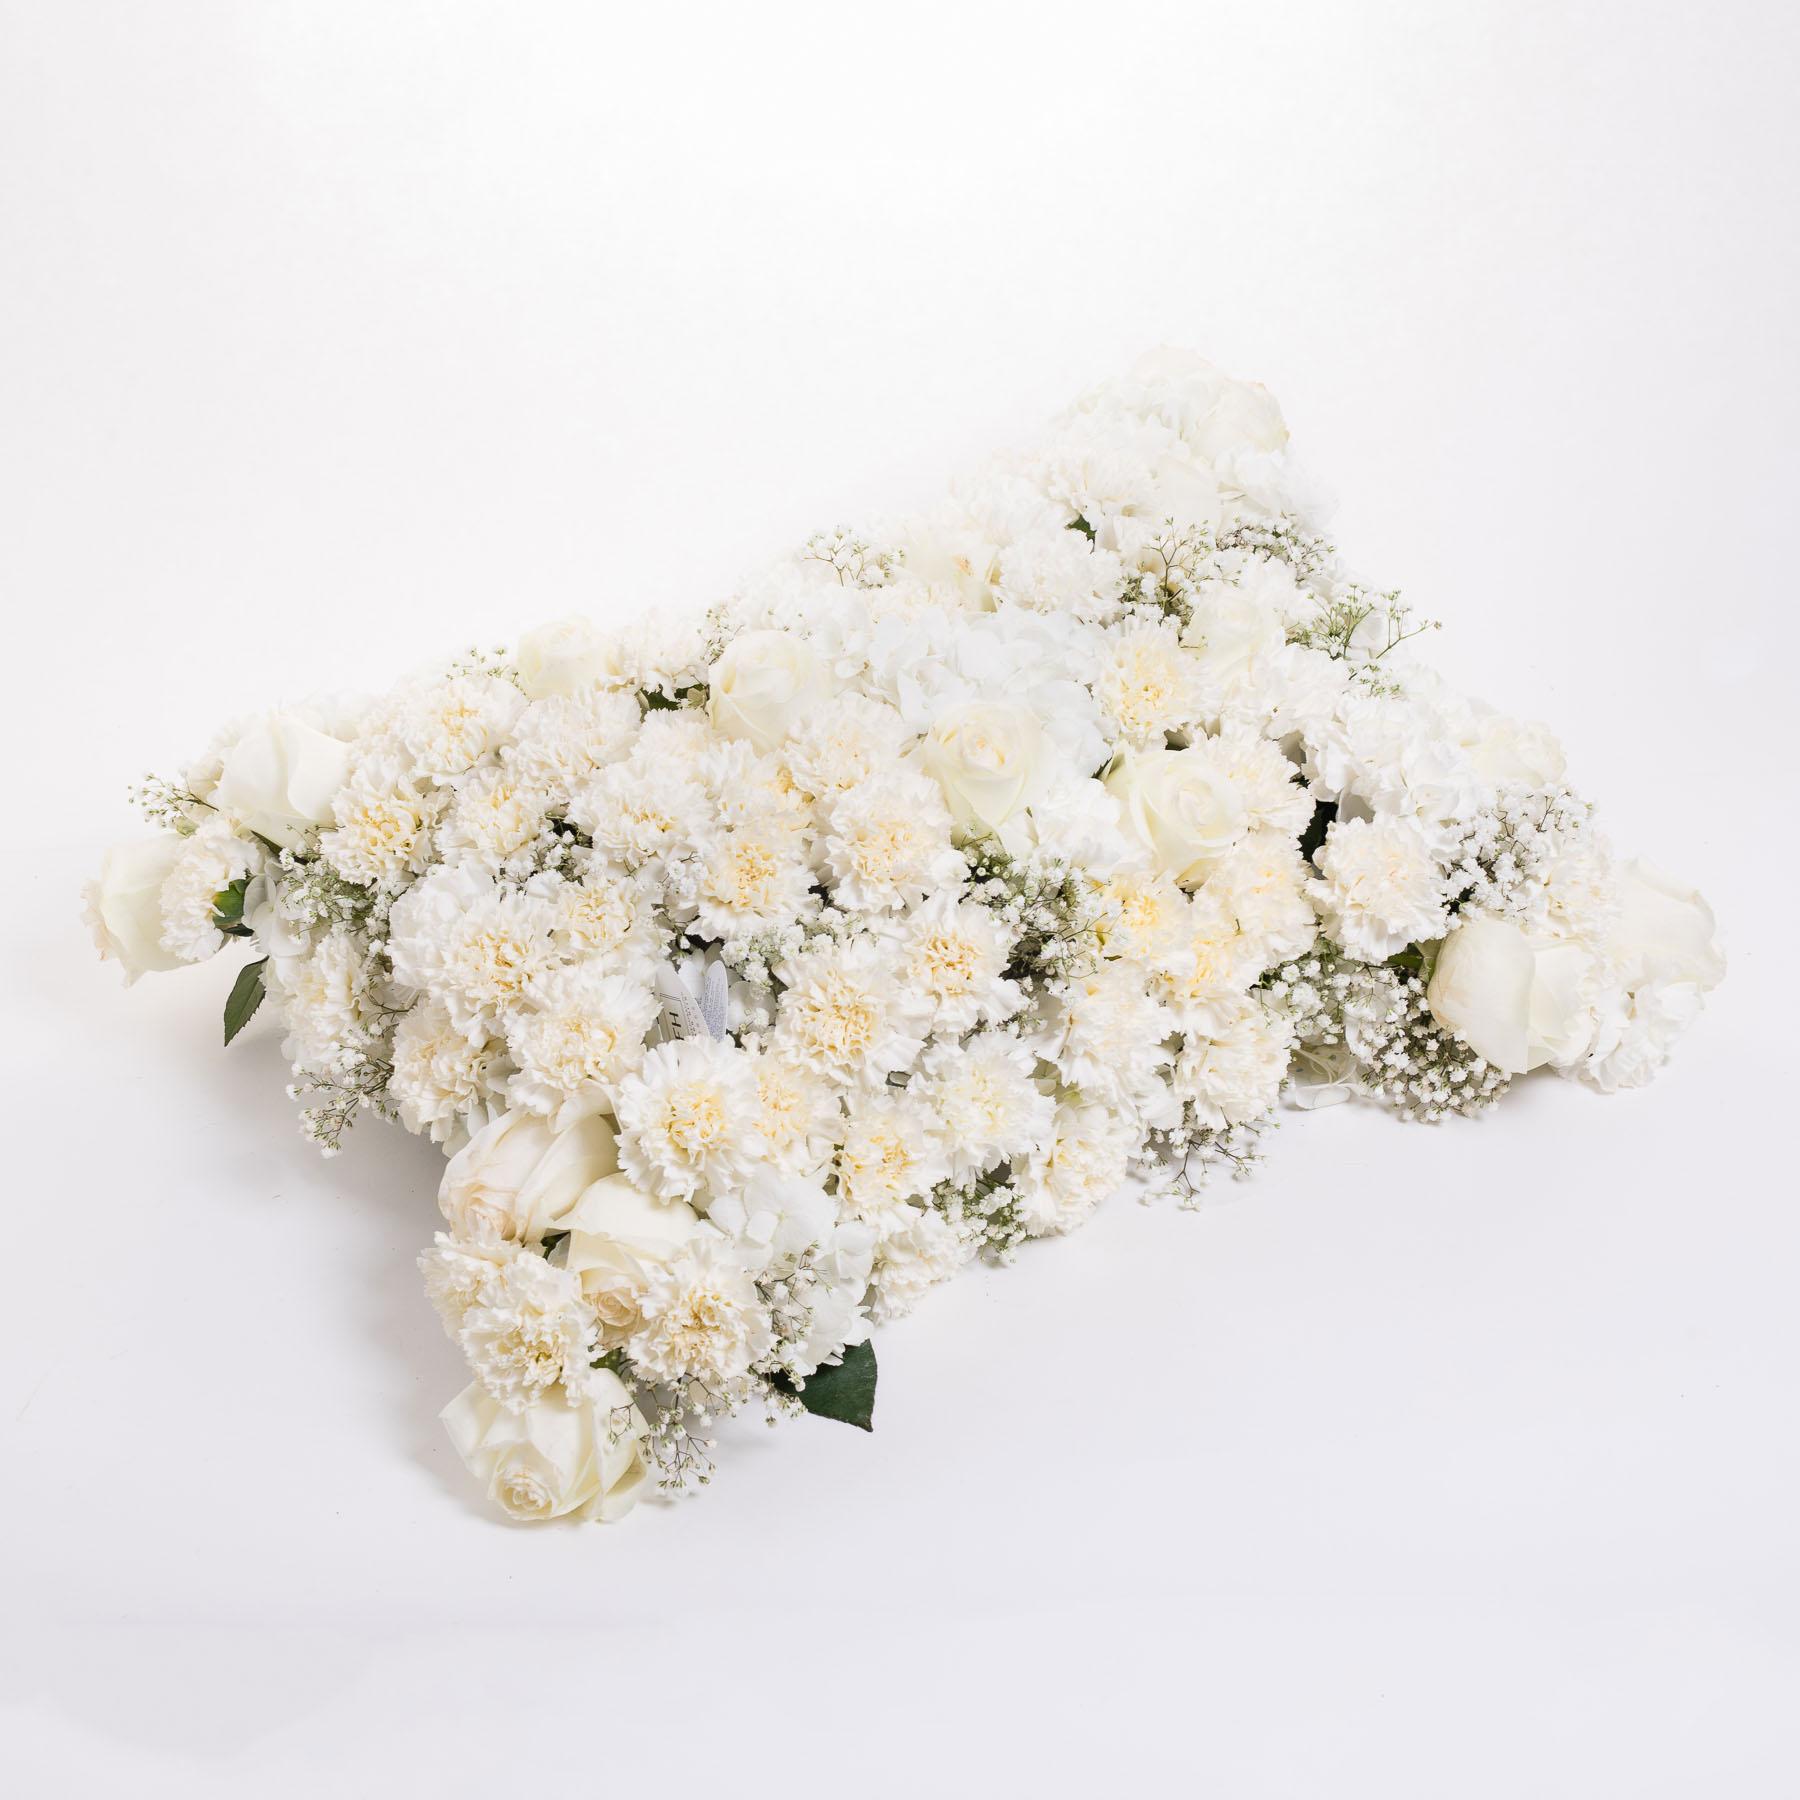 Cojín funerario de hortensias blancas - Centros difuntos - Día de todos los Santos - FH Floristería - Fernando hijo - Flores y decoración - Murcia